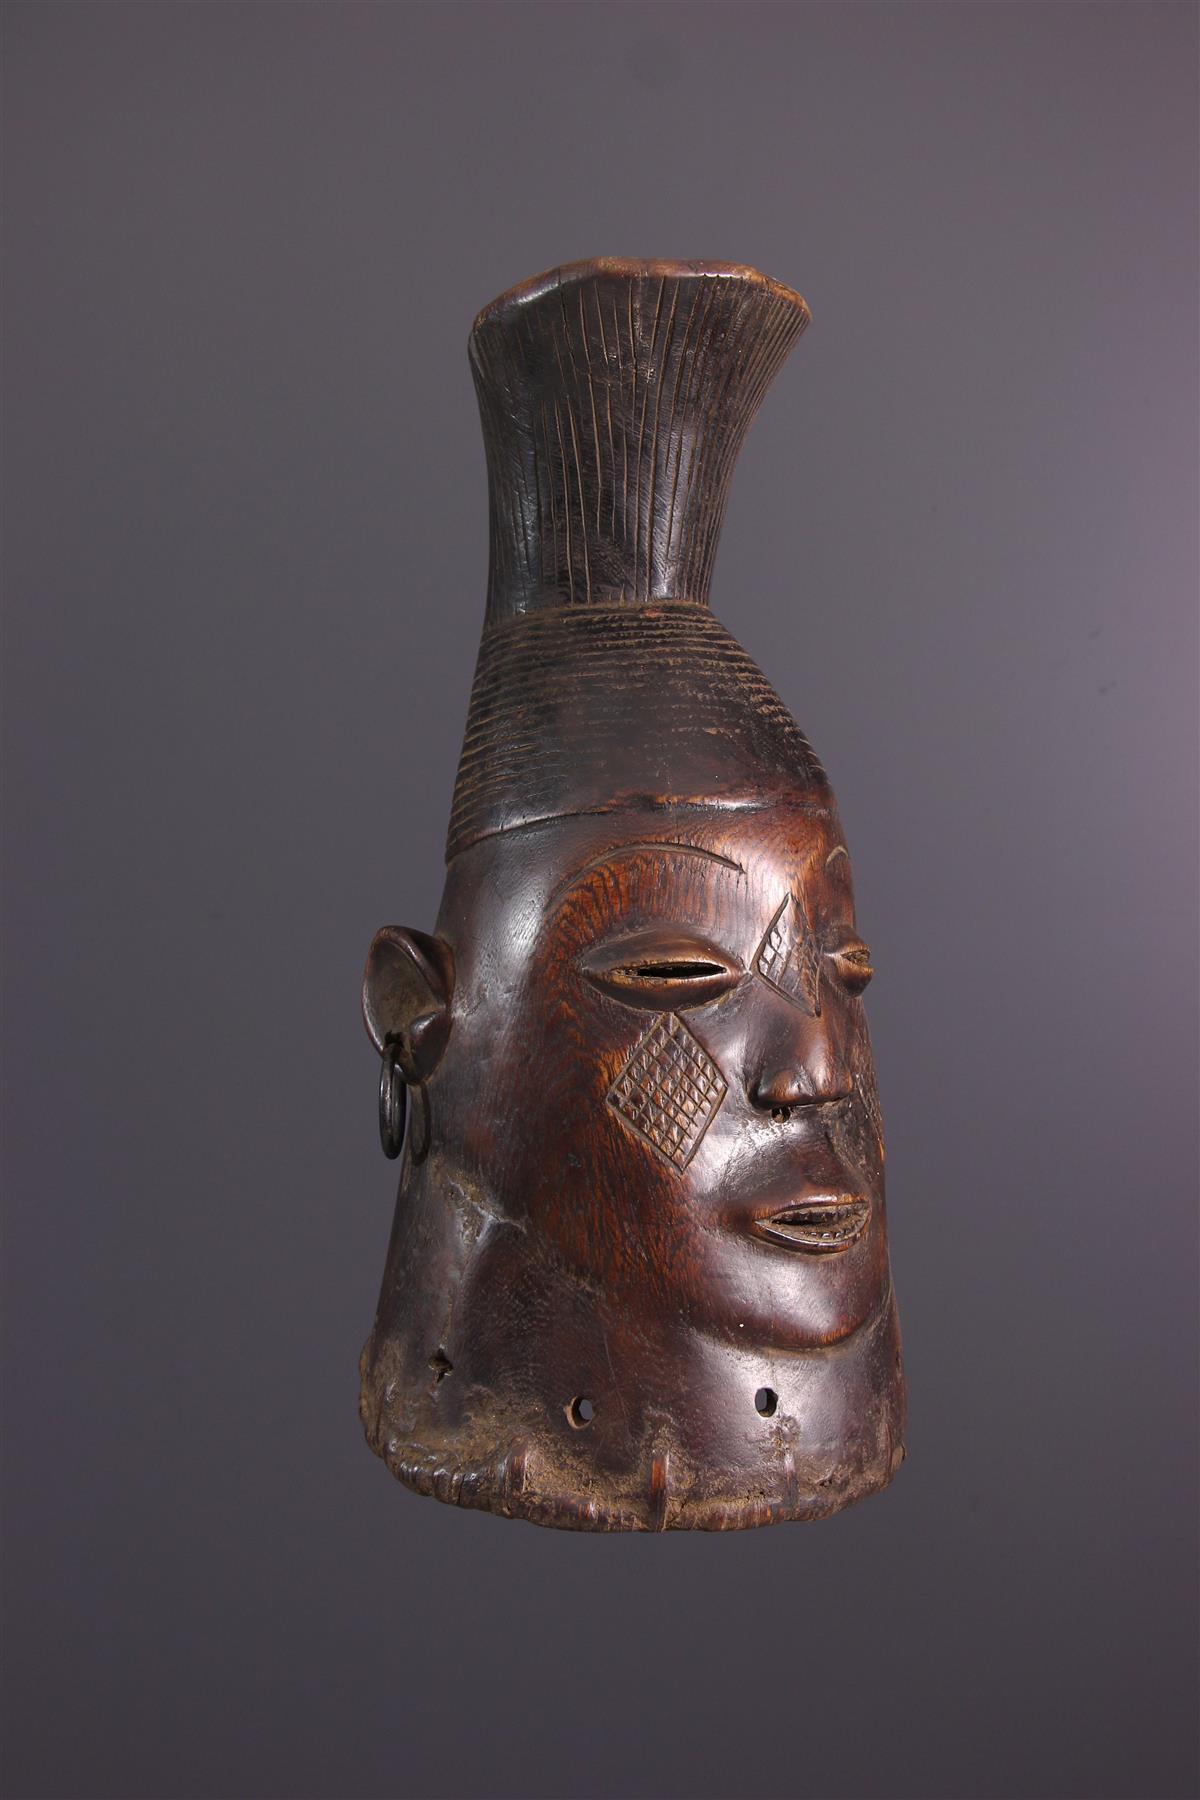 Mangbetu Mask - Tribal art